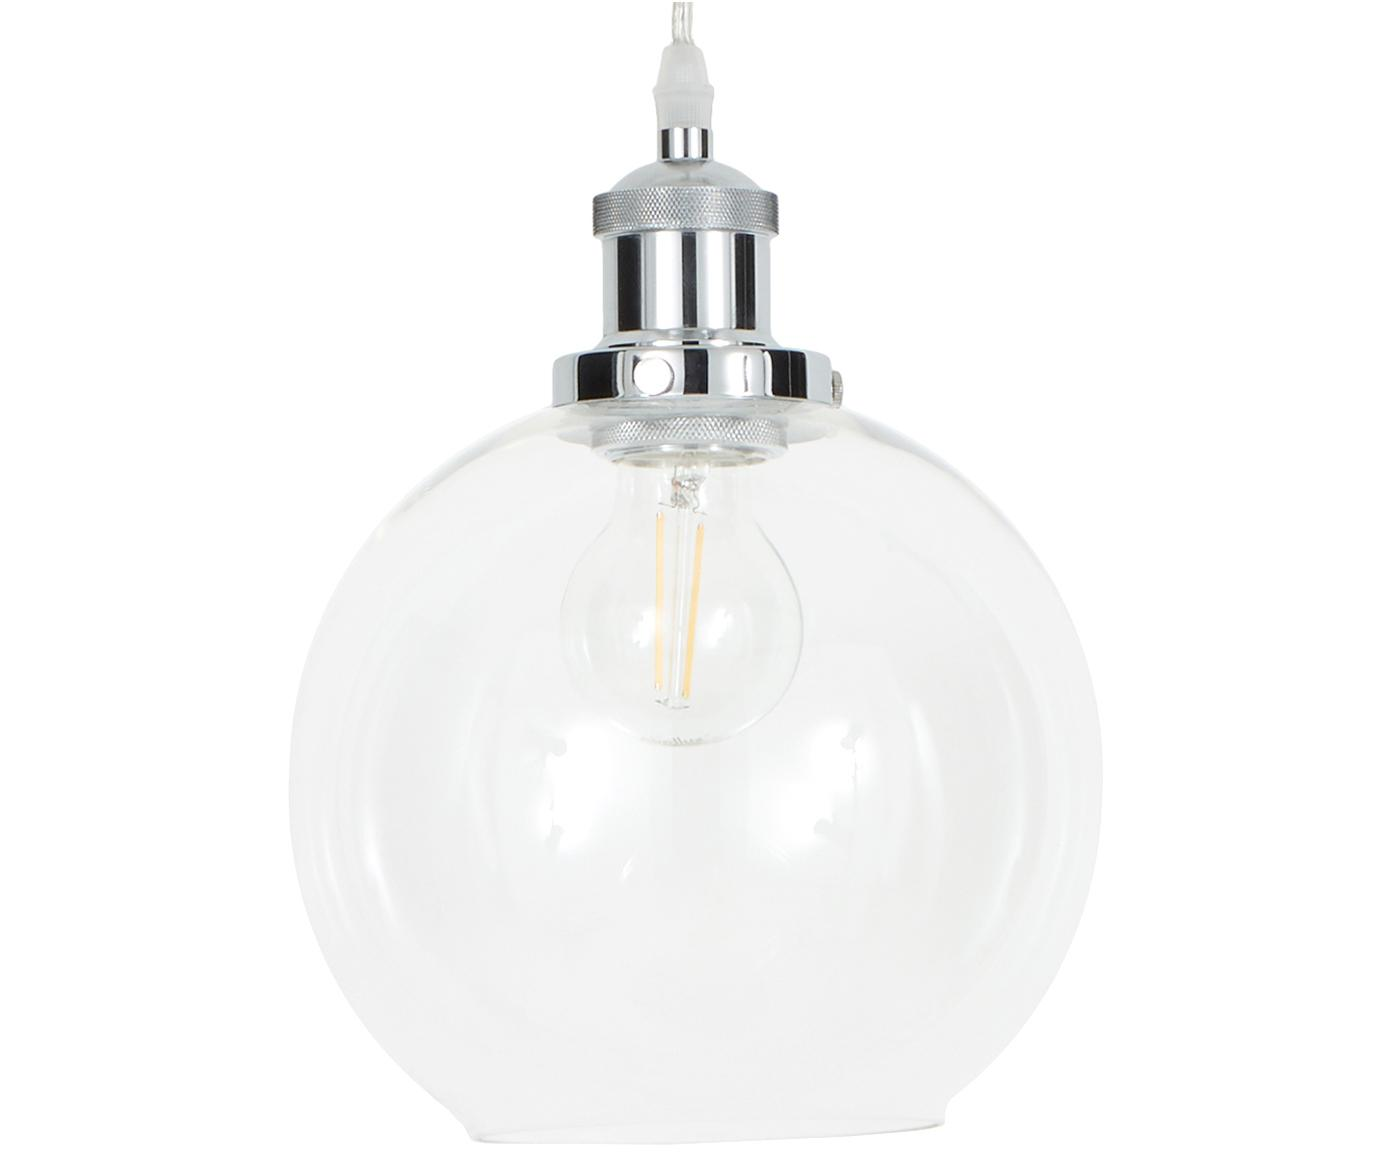 Kleine Pendelleuchte New York Loft aus Glas, Lampenschirm: Glas, Chrom, Transparent, Ø 20 x H 25 cm